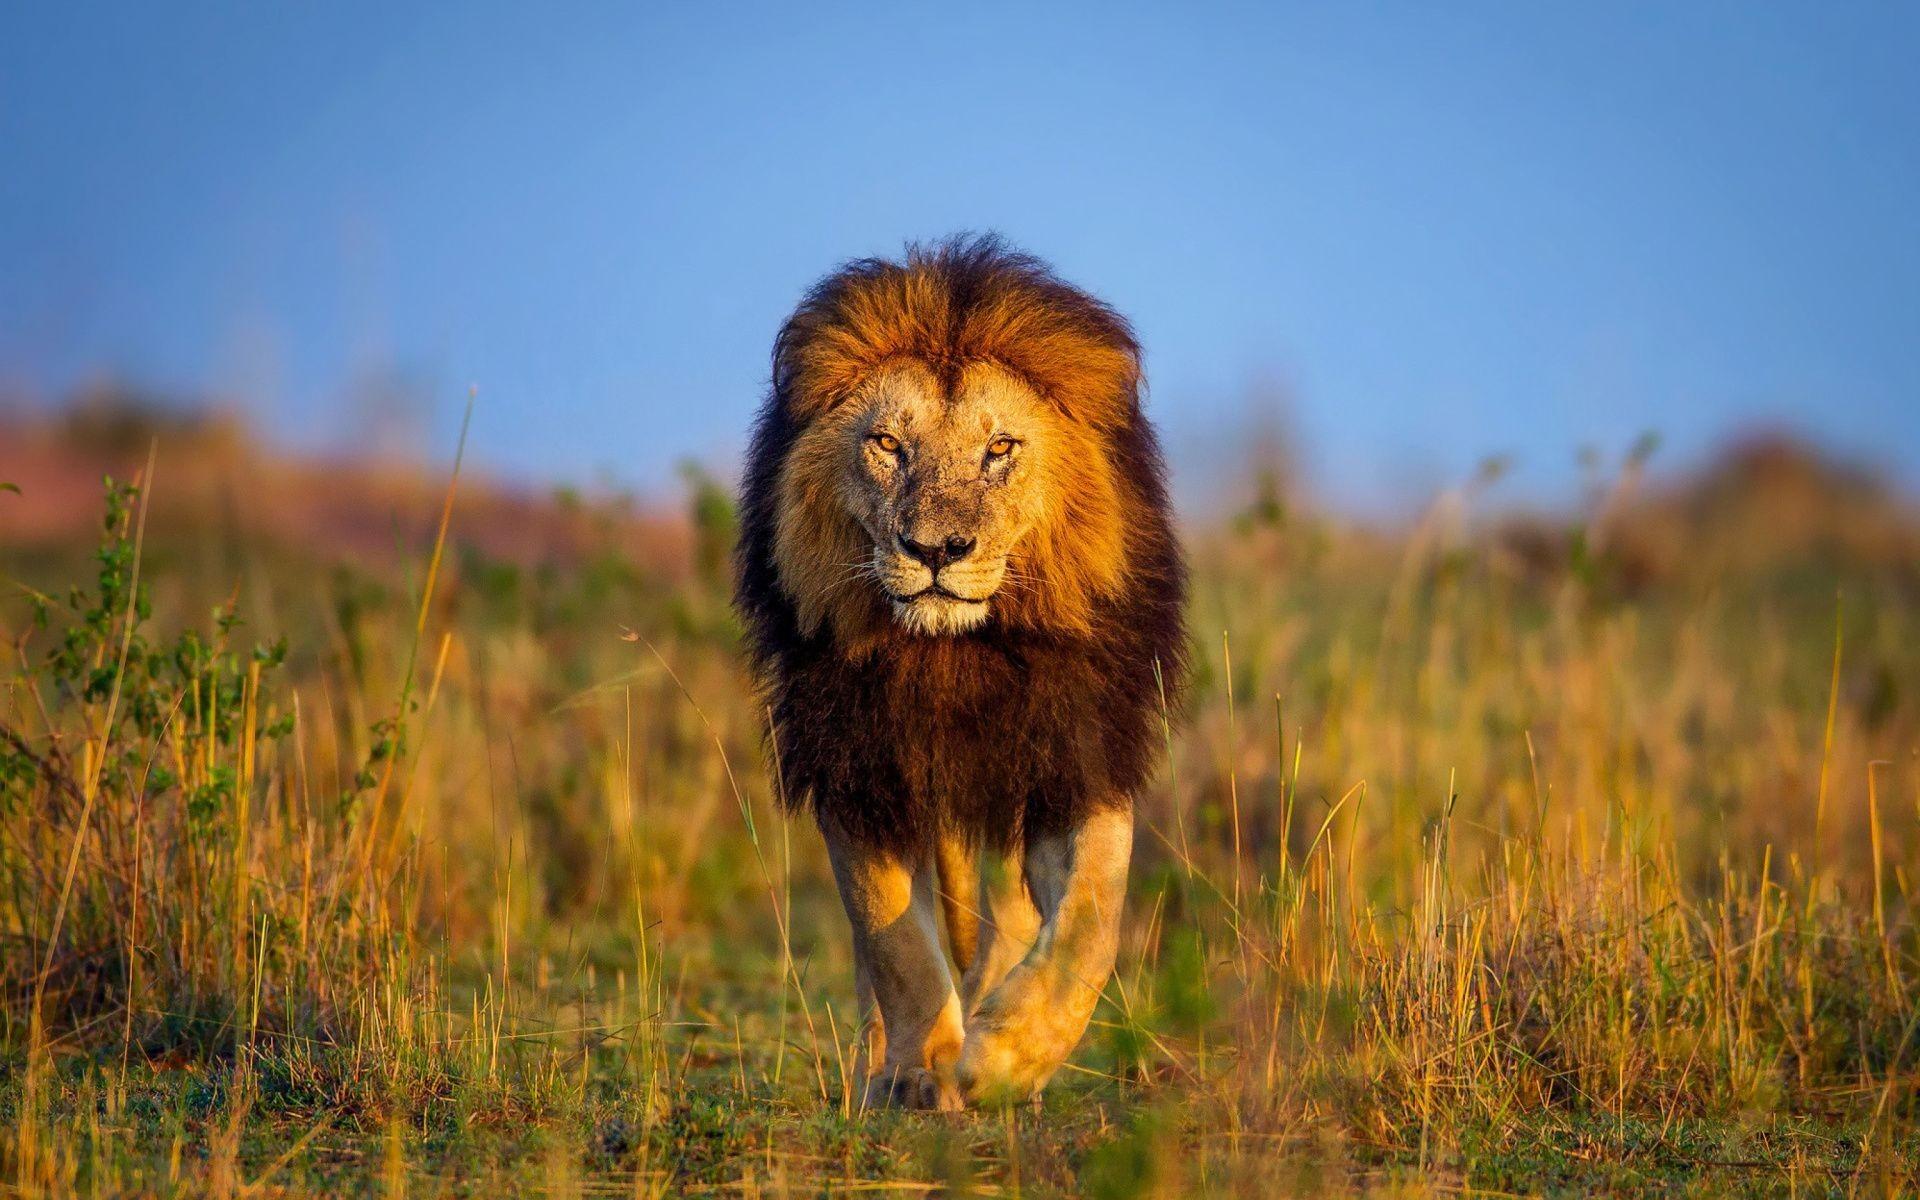 Hình nền đẹp sư tử hoang dã